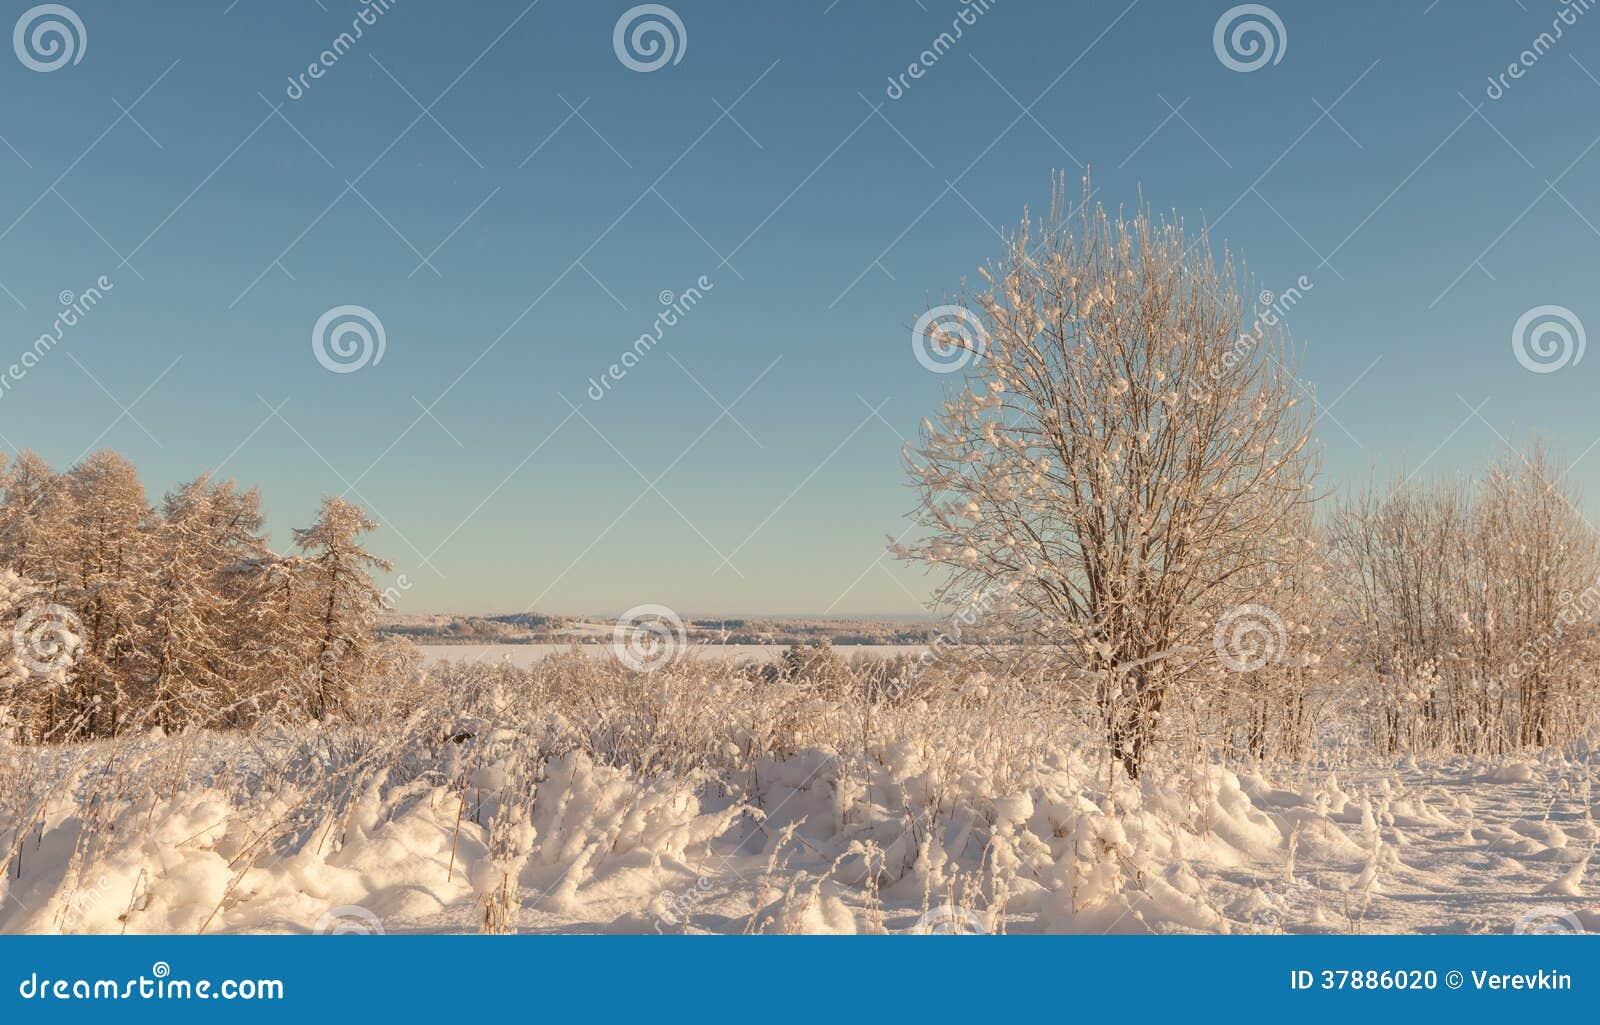 Bomen op het gebied in de winter.